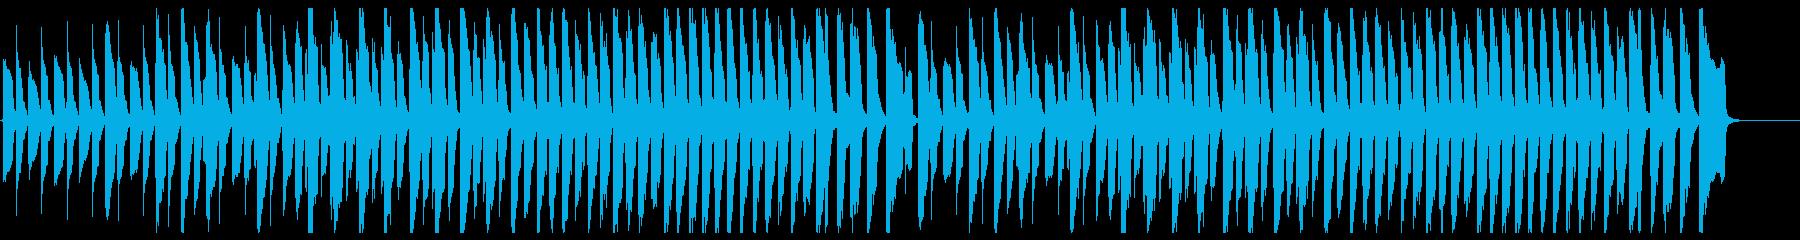 鉄琴とピアノの少しメルヘンな曲/控えめの再生済みの波形